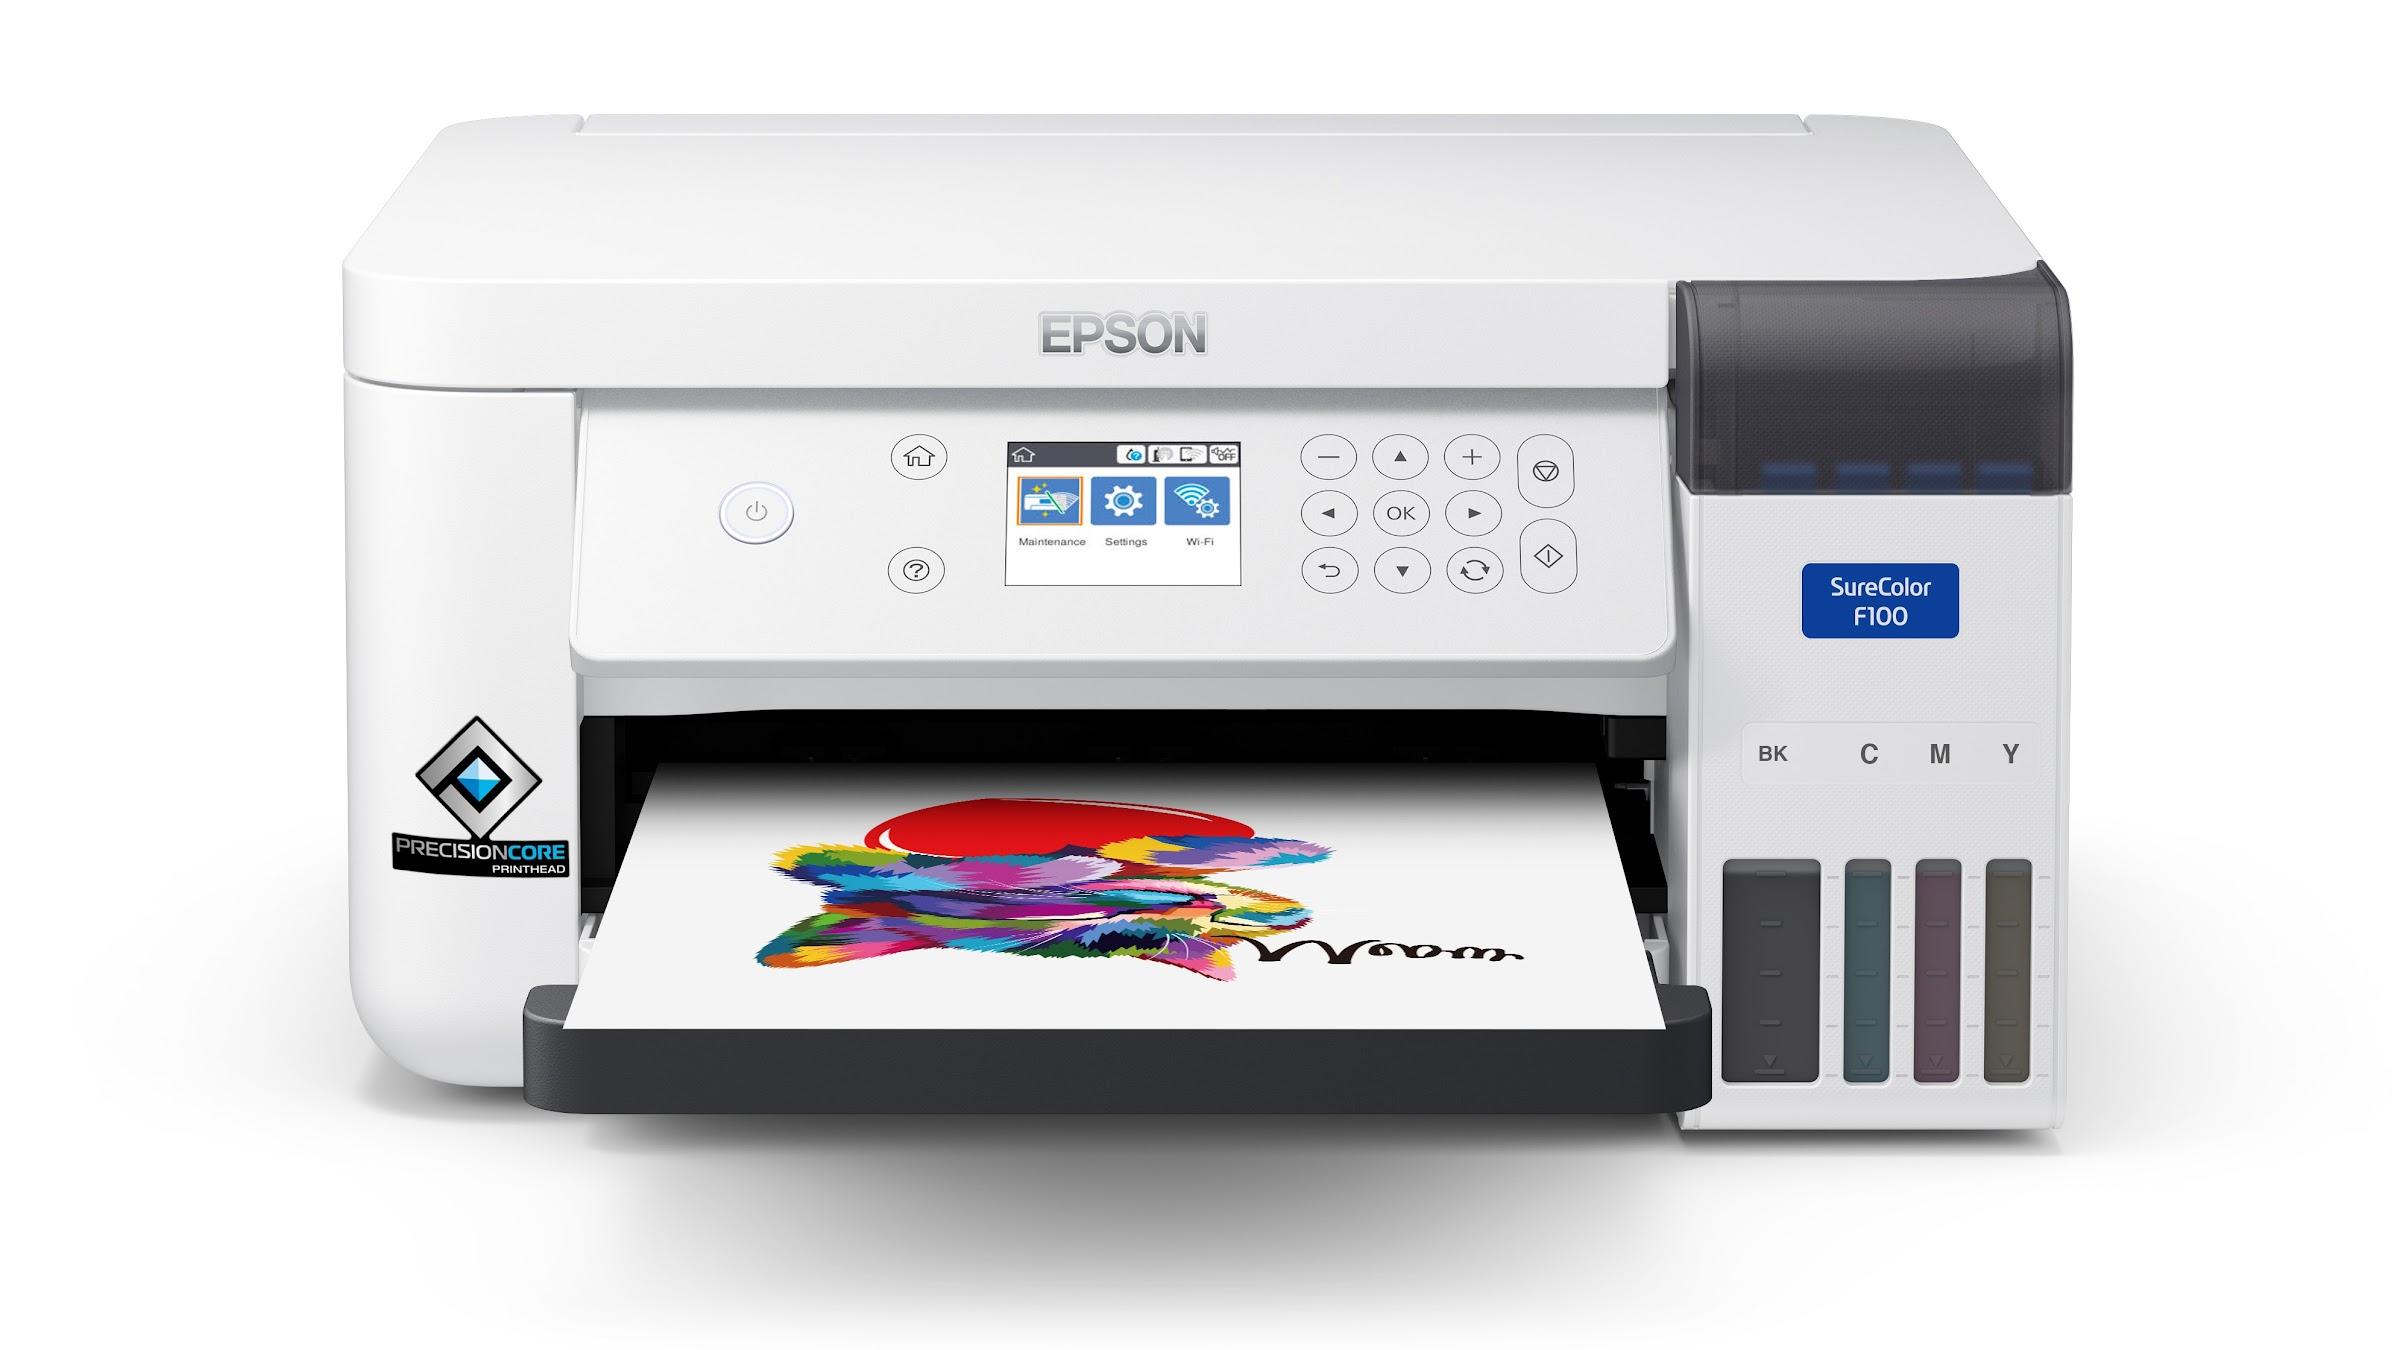 Epson F130 Printer Sublim A4